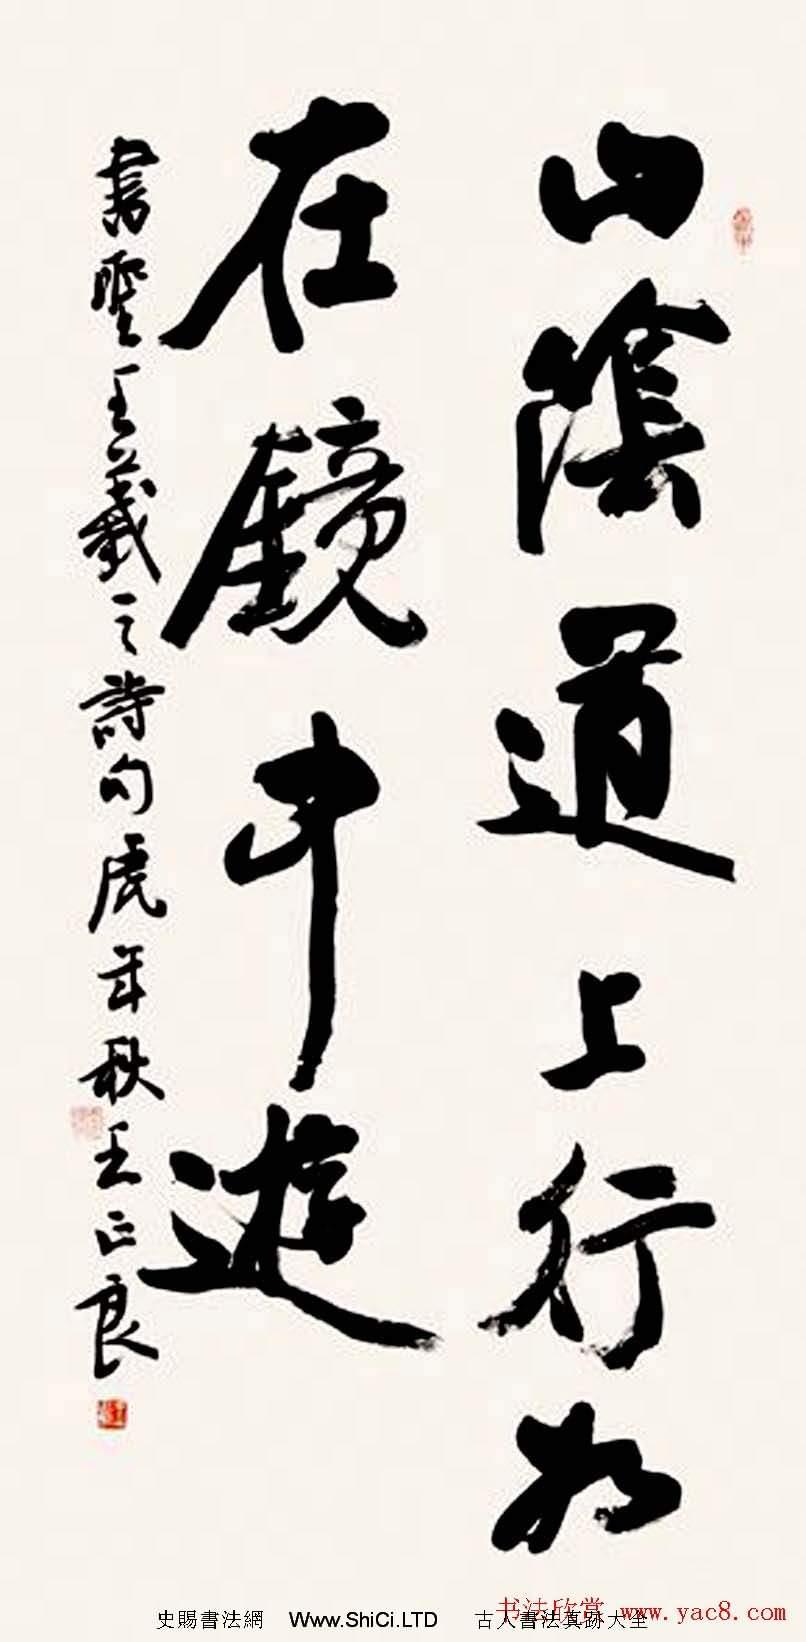 王正良毛筆書法作品真跡欣賞(共16張圖片)